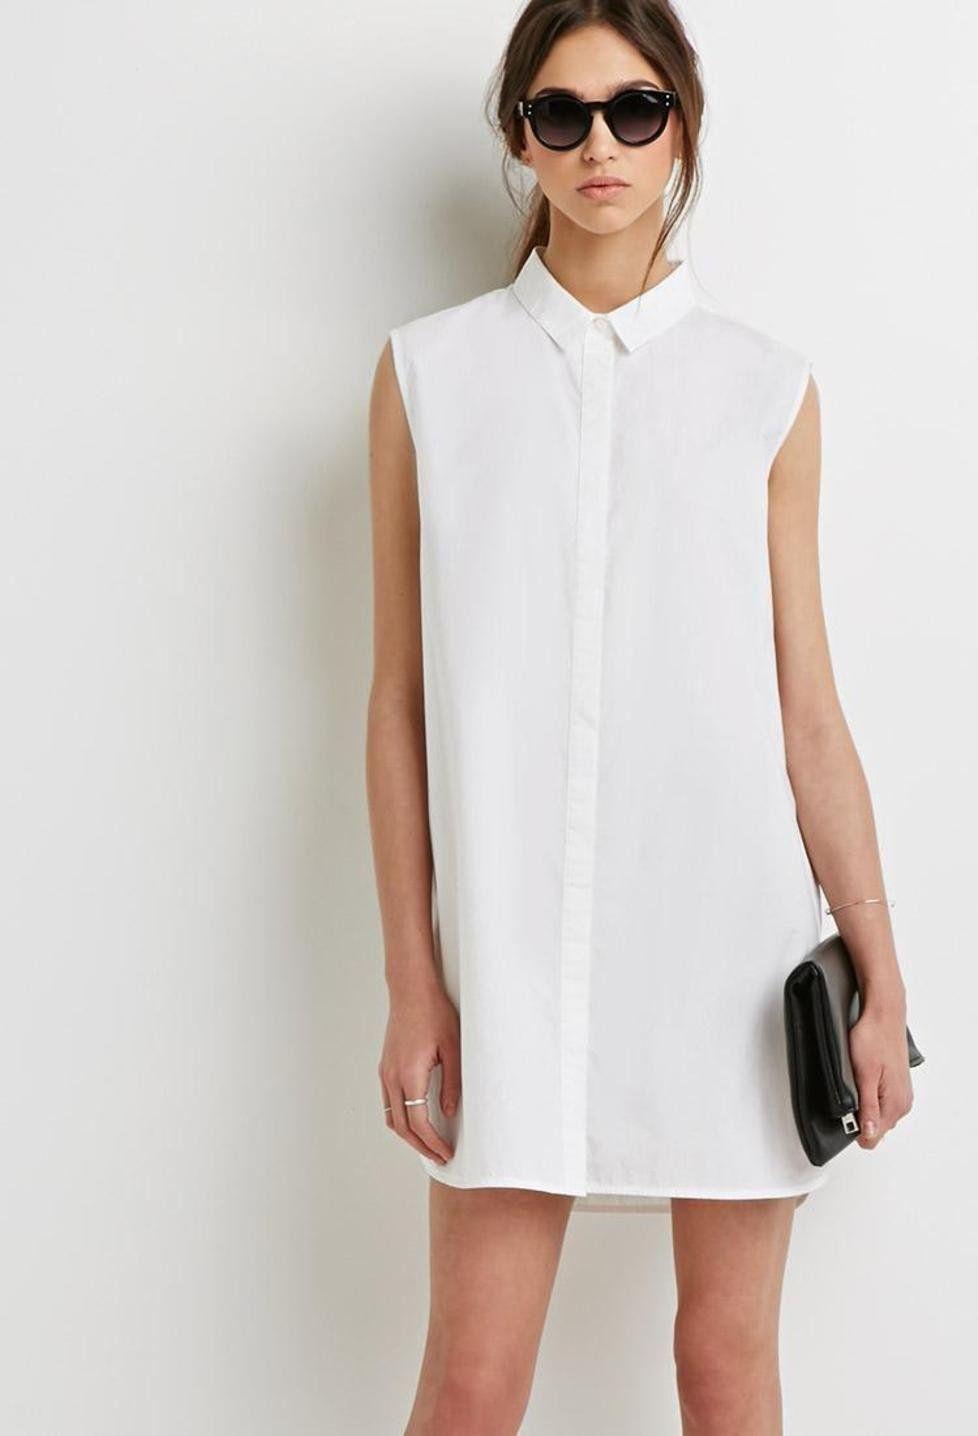 16fb0e3f2ec6e Tendencia  Vestido camisero blanco Un look muy cómodo y fresco para la  temporada de calor